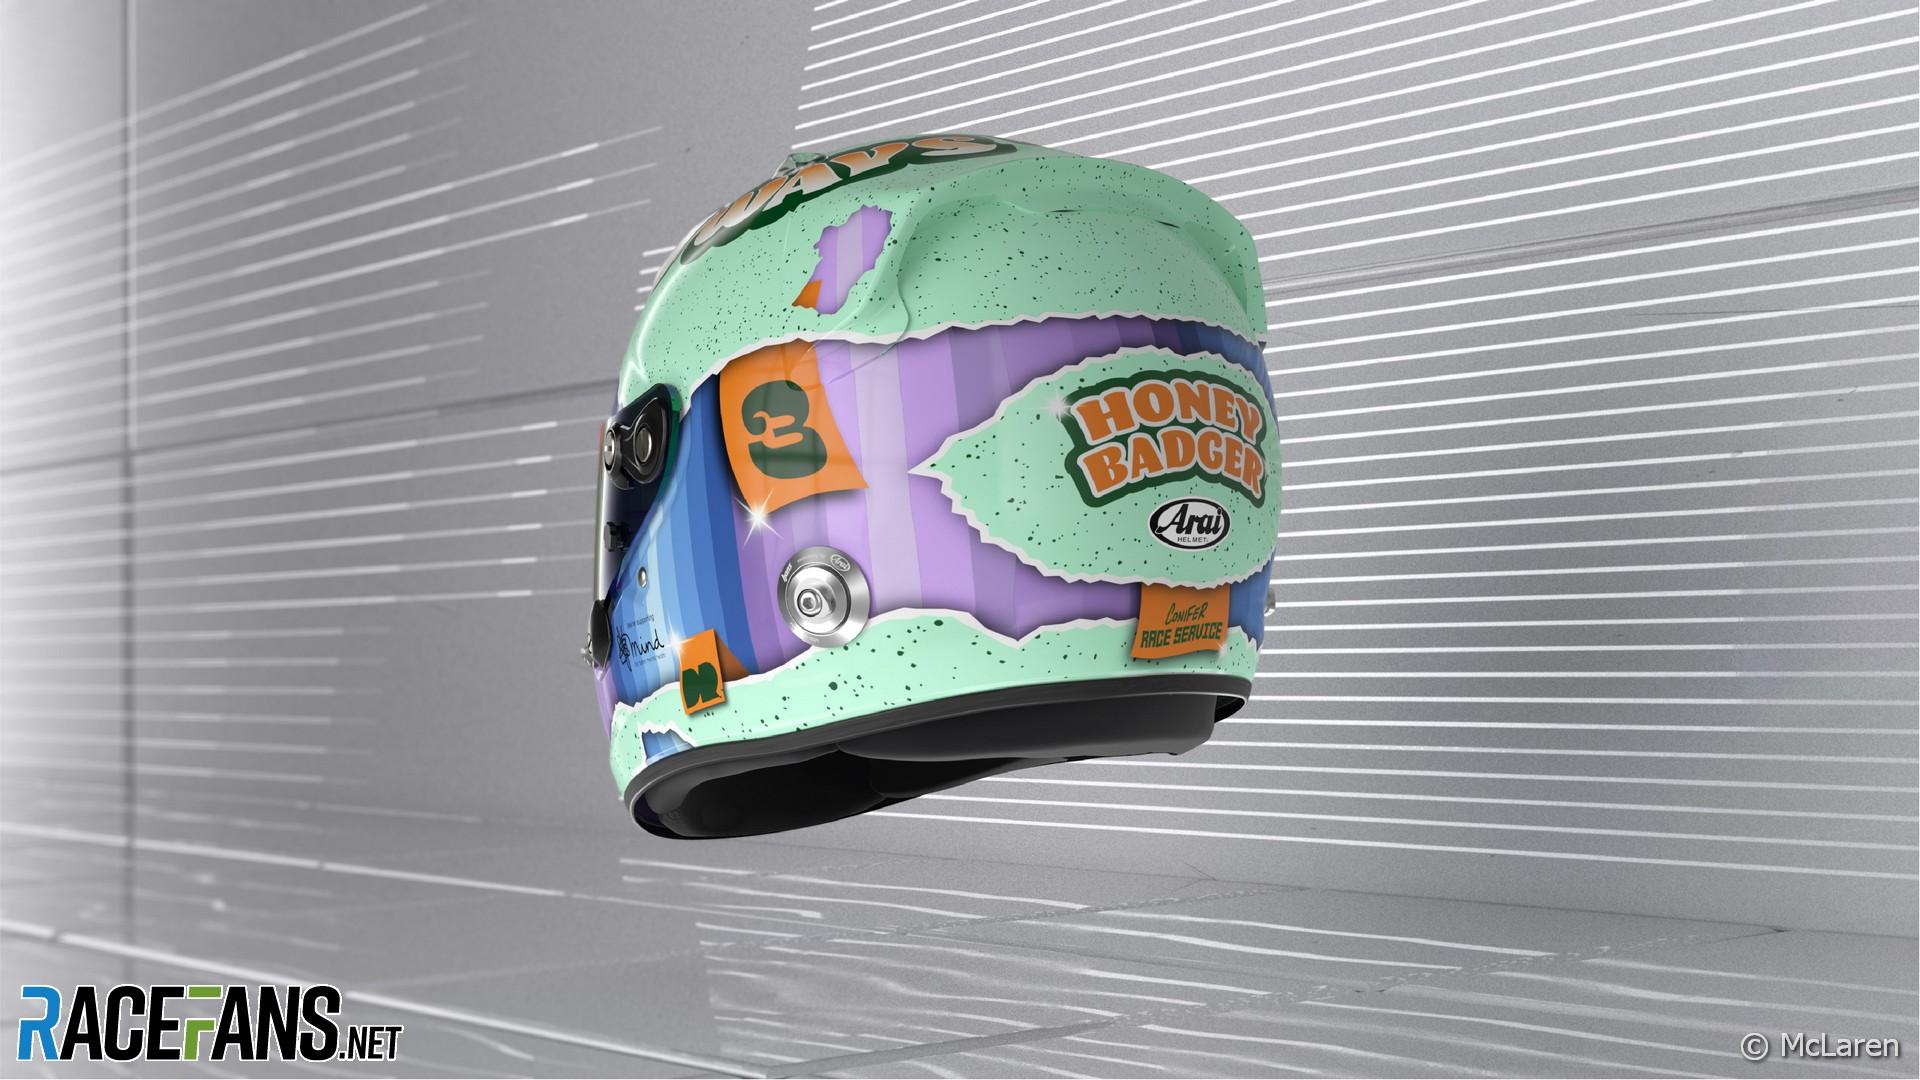 Daniel Ricciardo's 2021 F1 helmet